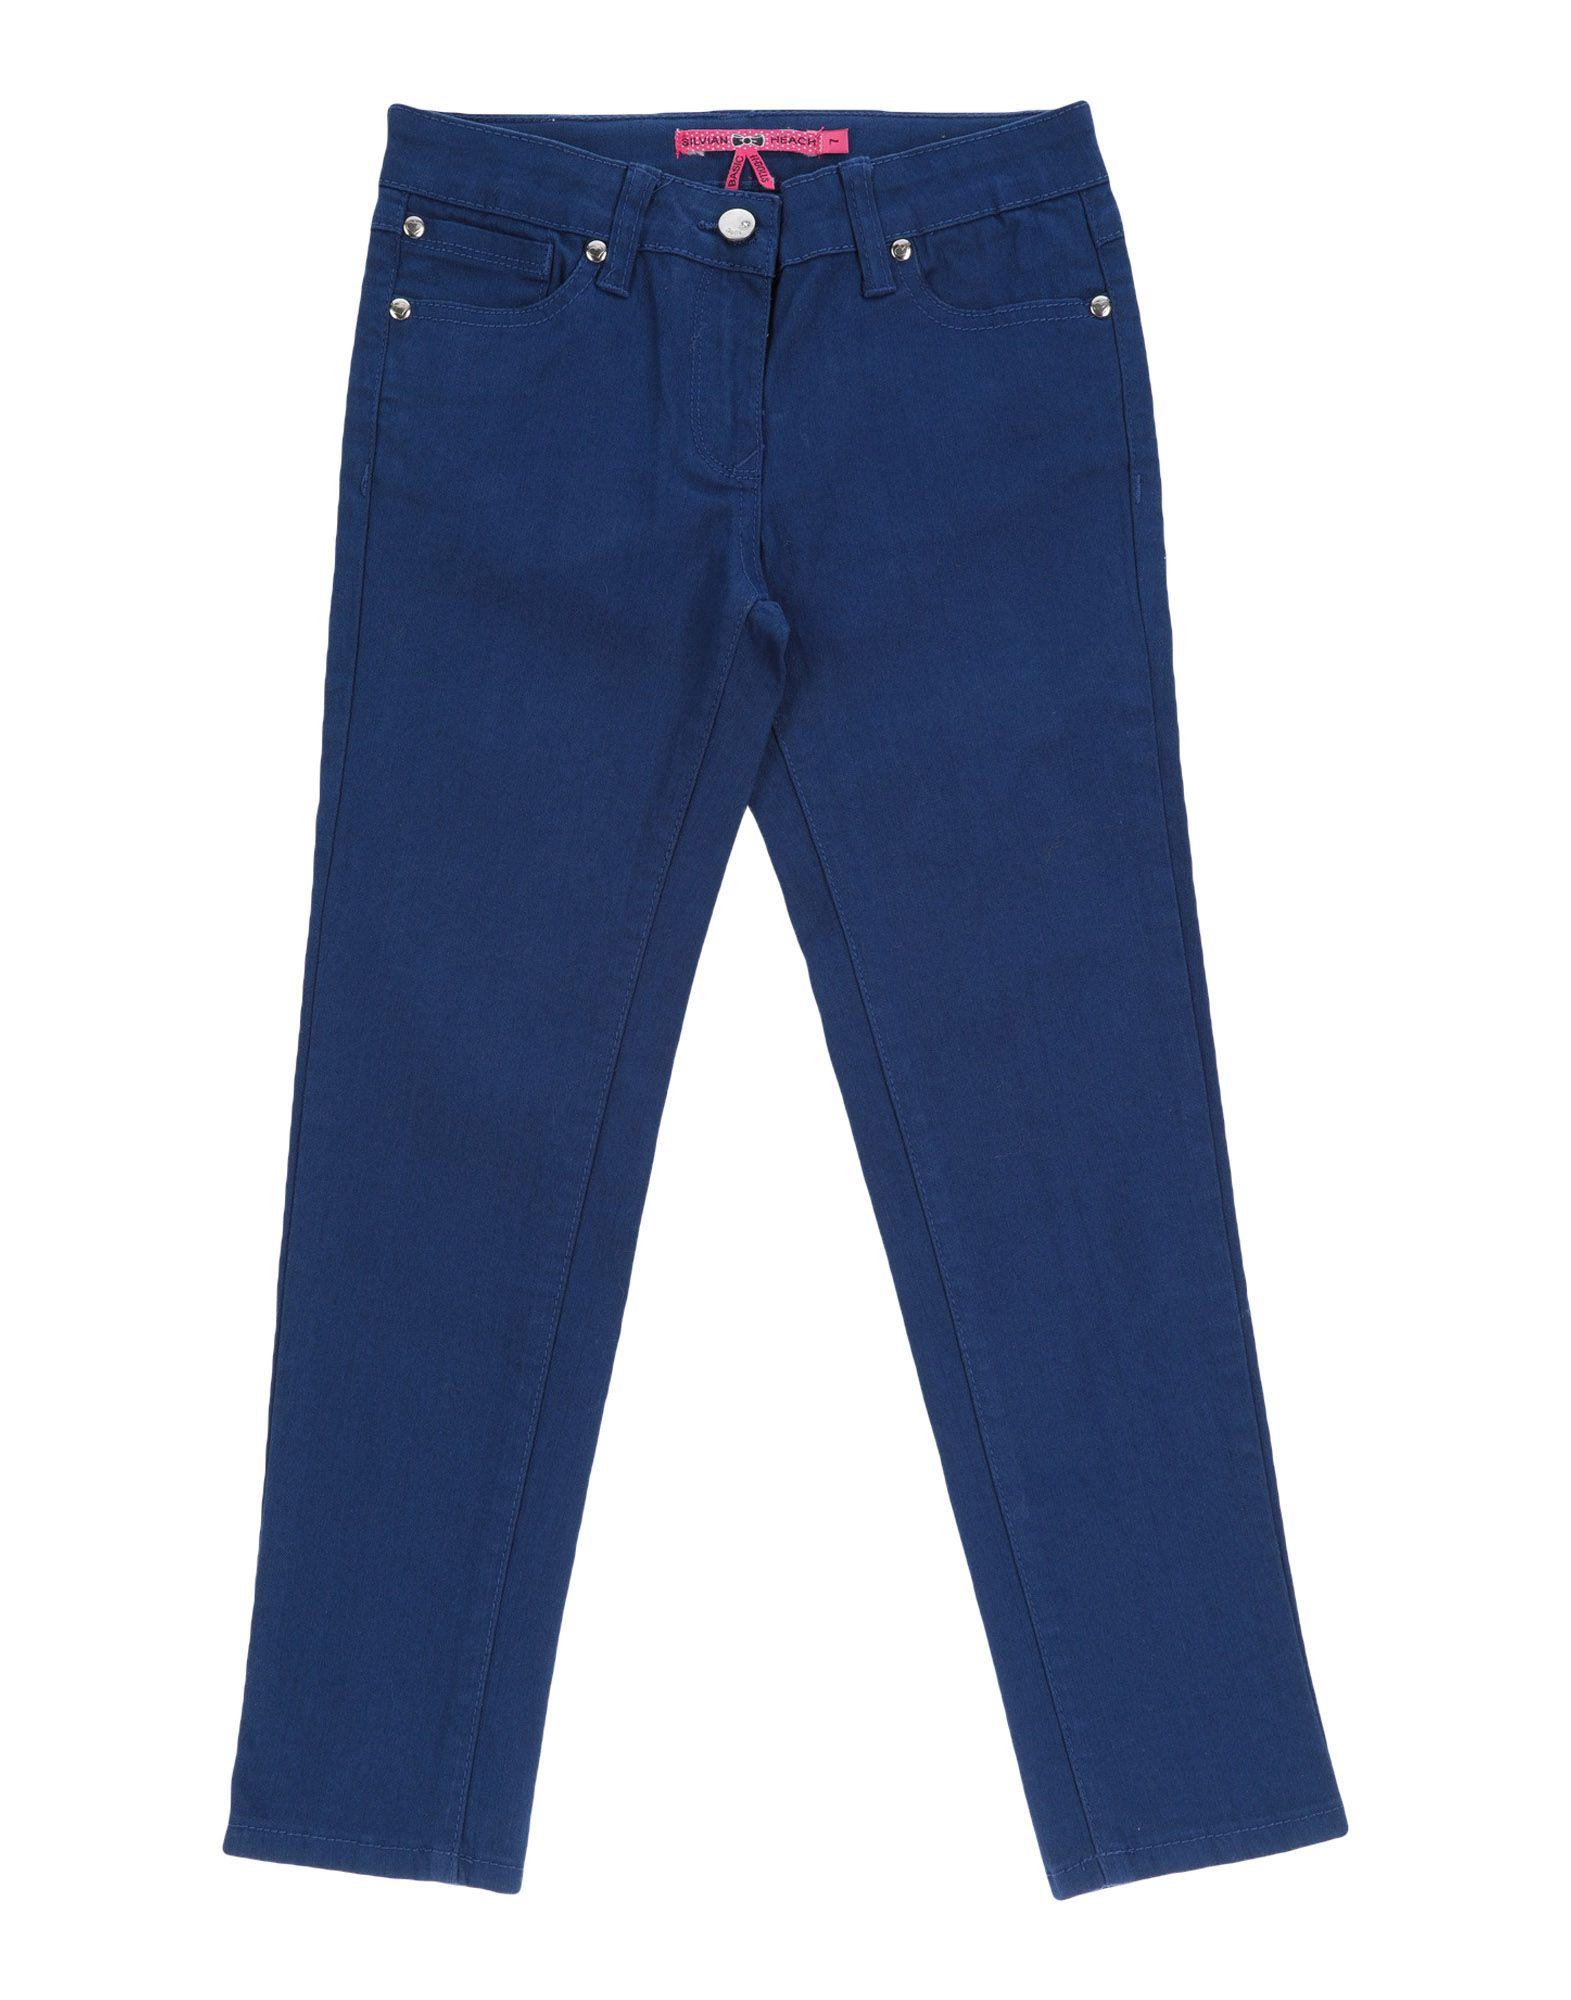 HEACH DOLLS by SILVIAN HEACH Jeans